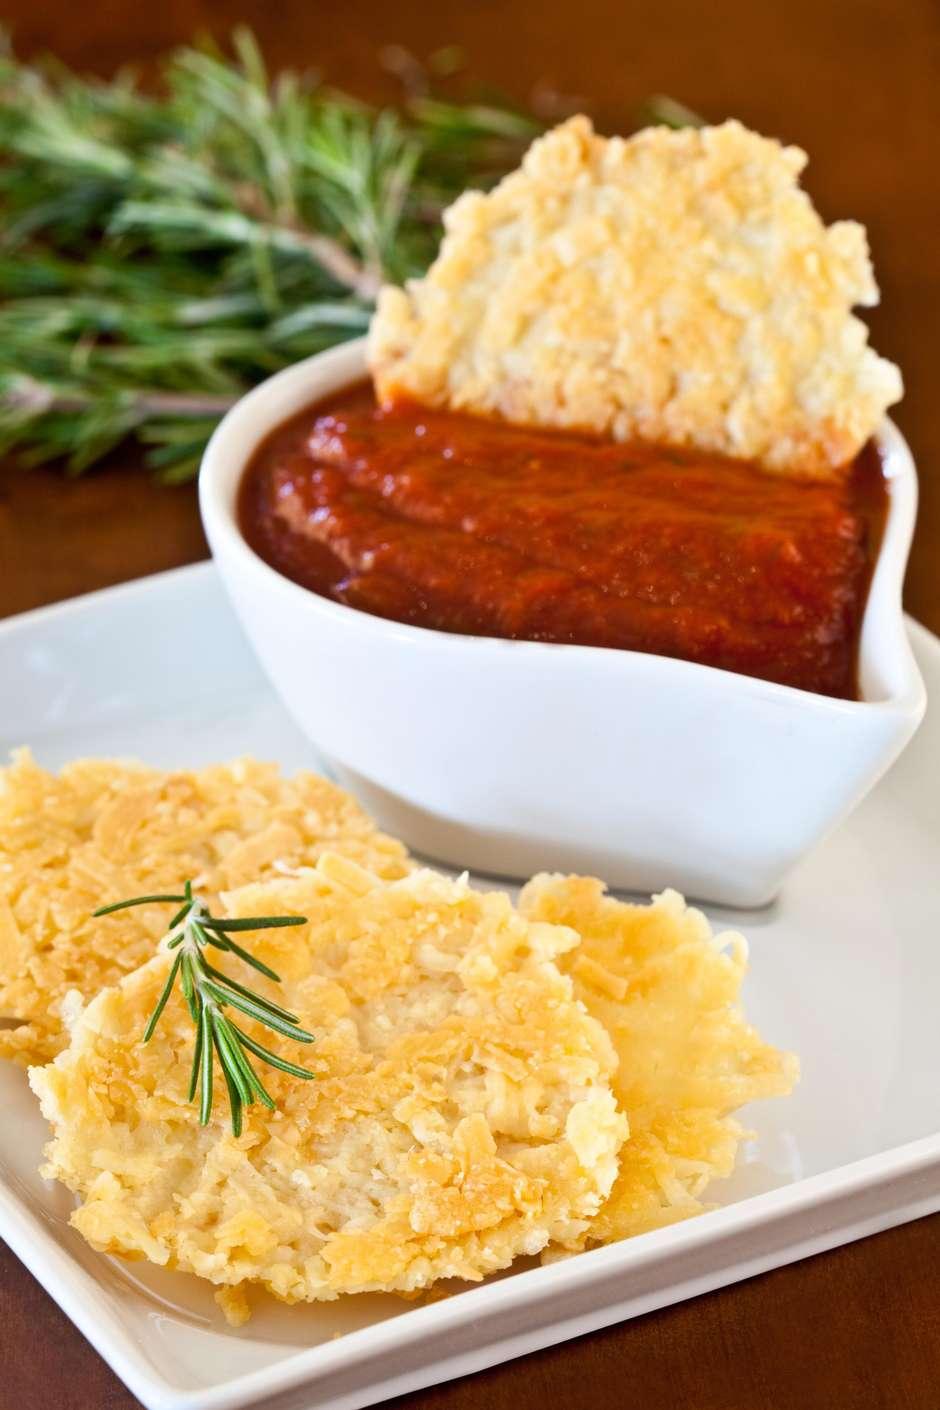 Entradinha de queijo parmesão com molho de tomate com ervas